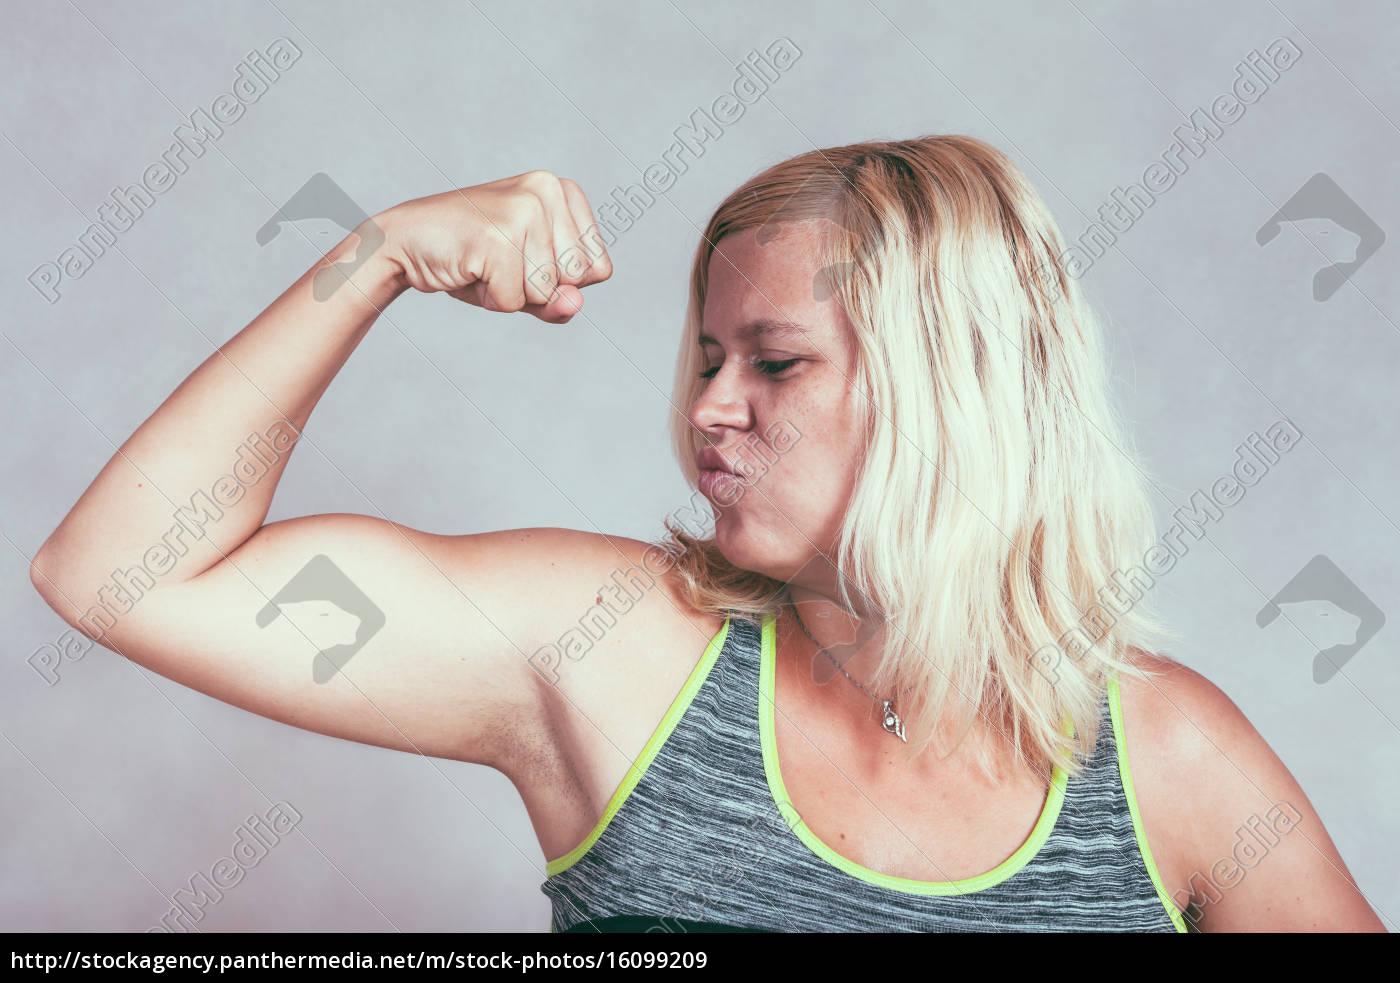 starke muskel sportliche frau beugen bizeps - Stockfoto